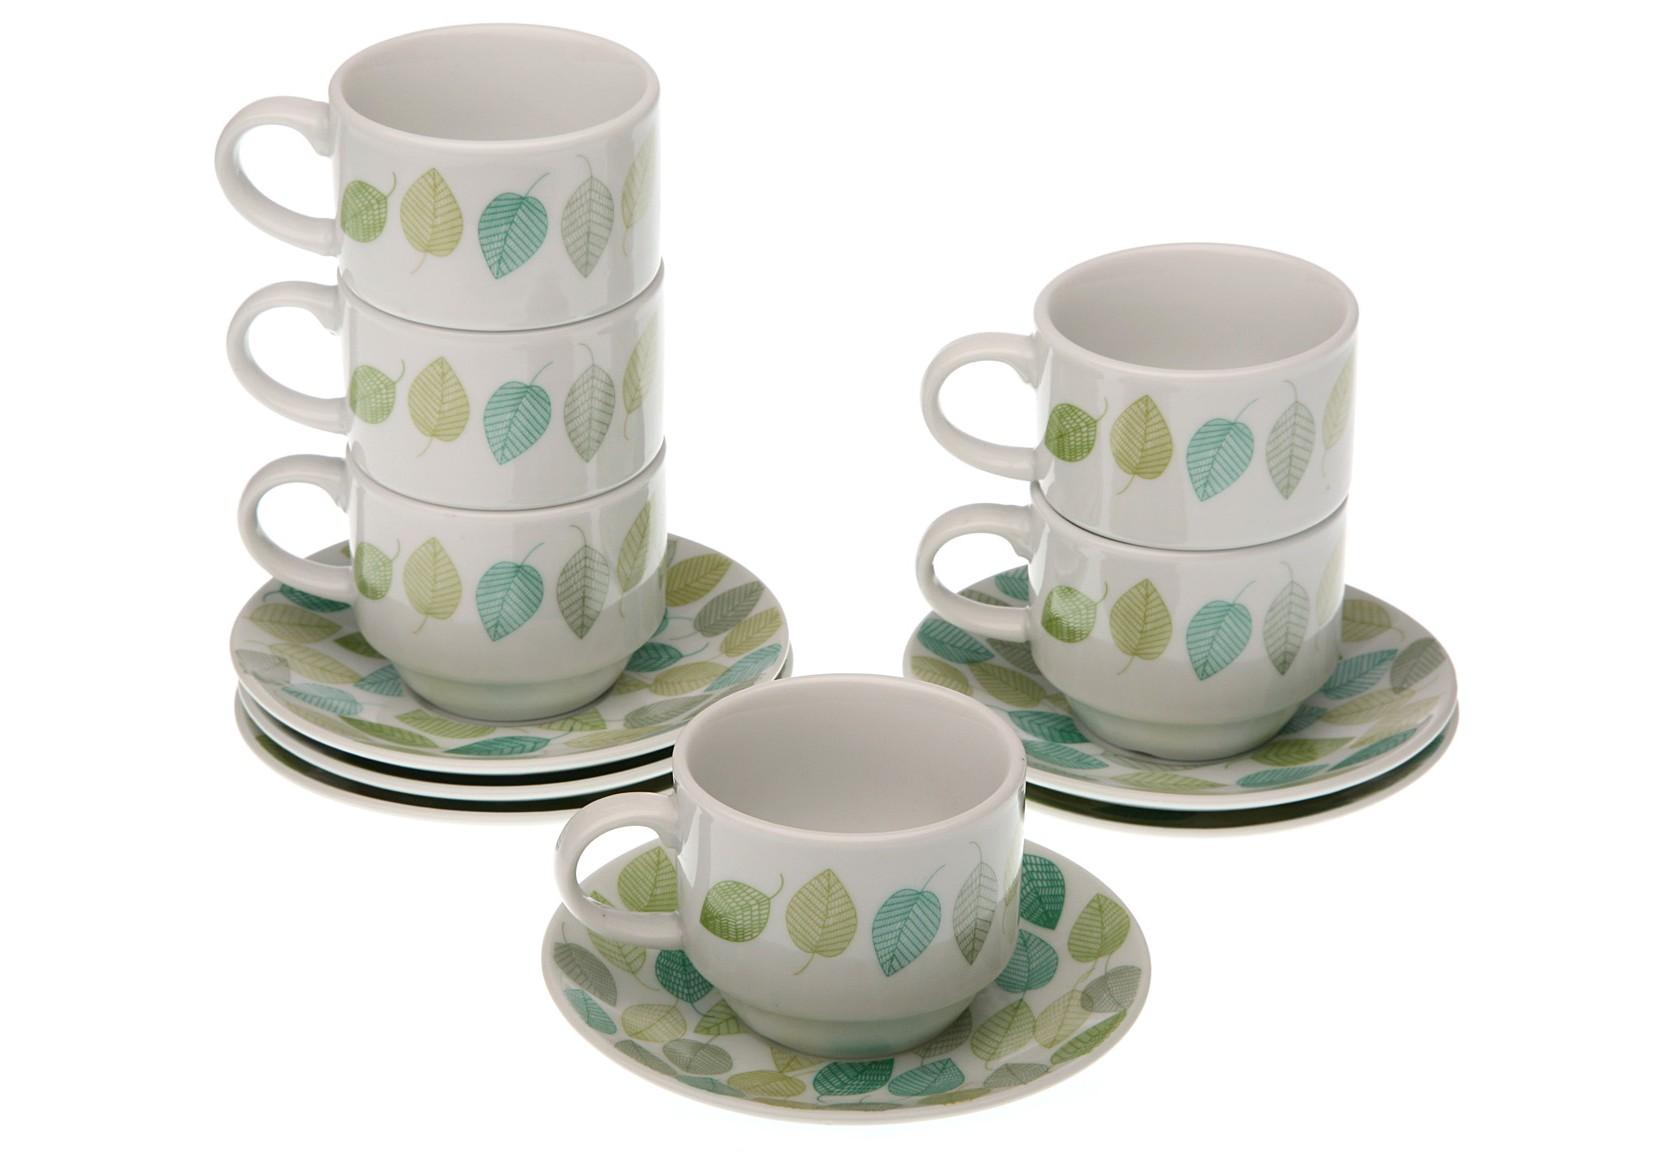 Набор кофейных пар (6 шт.)Чайные пары, чашки и кружки<br>Объем: 100 мл.<br><br>Material: Фарфор<br>Высота см: 5.0